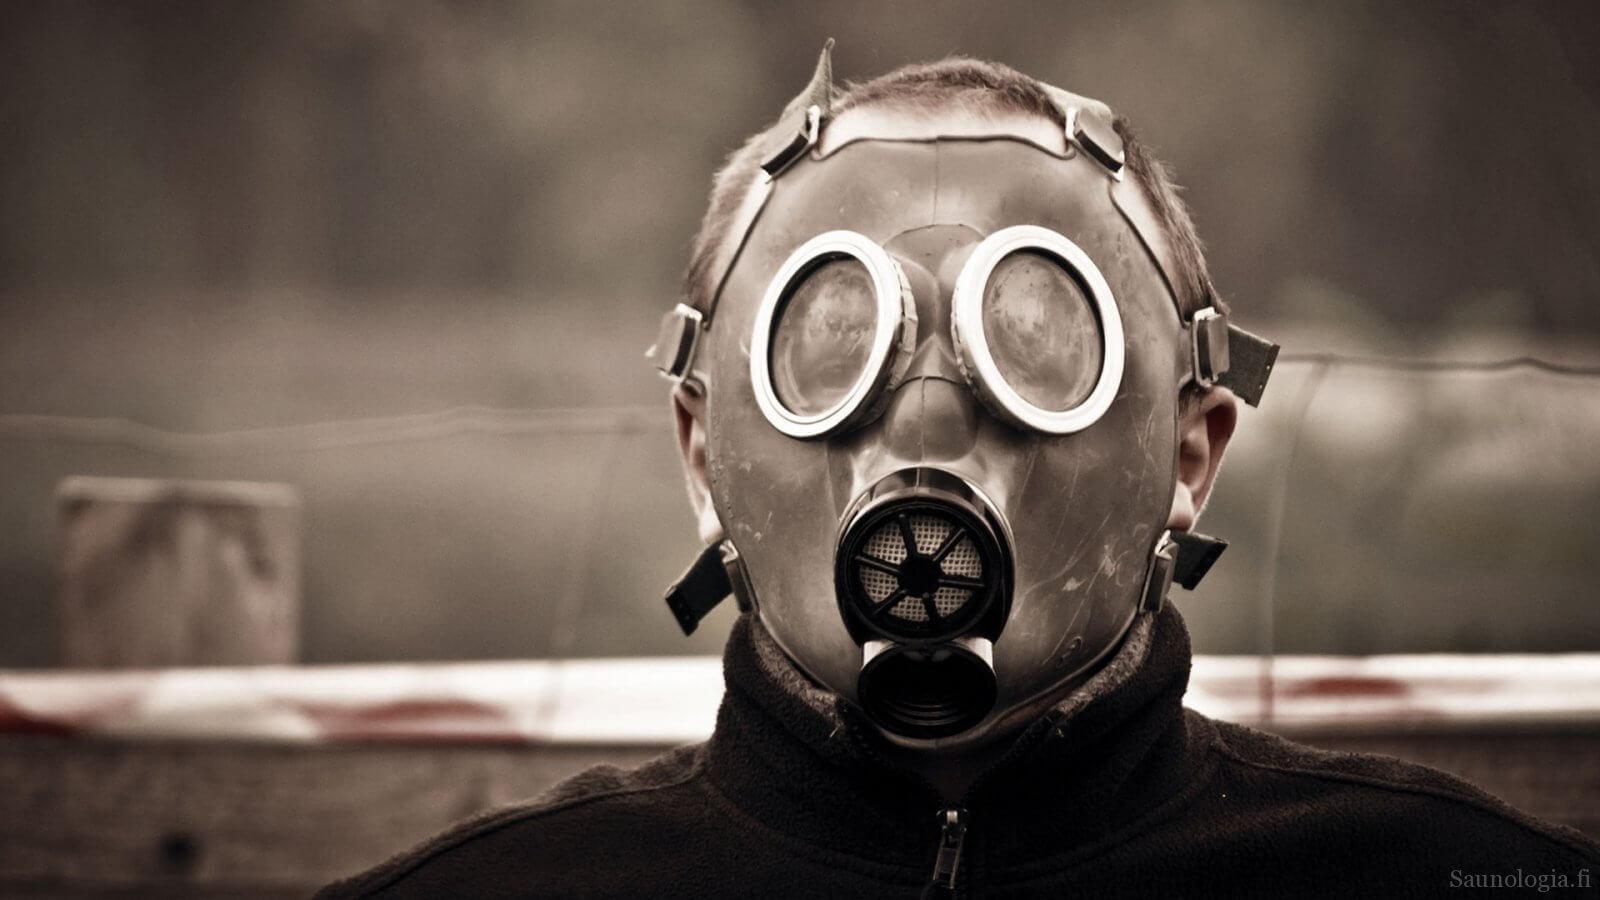 161018-gas_mask-pixabay